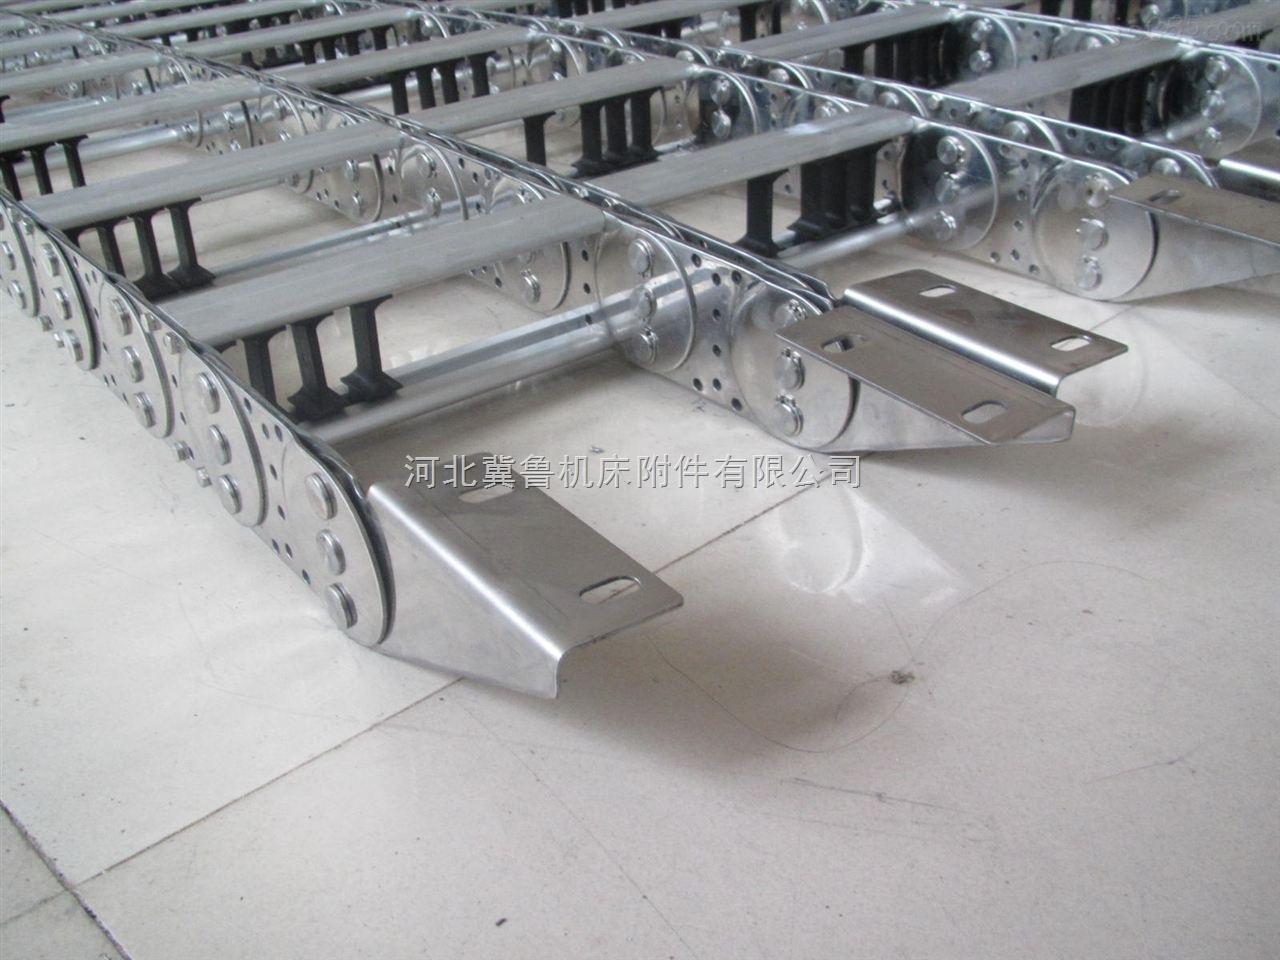 渗碳式镀锌桥式电缆不锈钢拖链新品上架